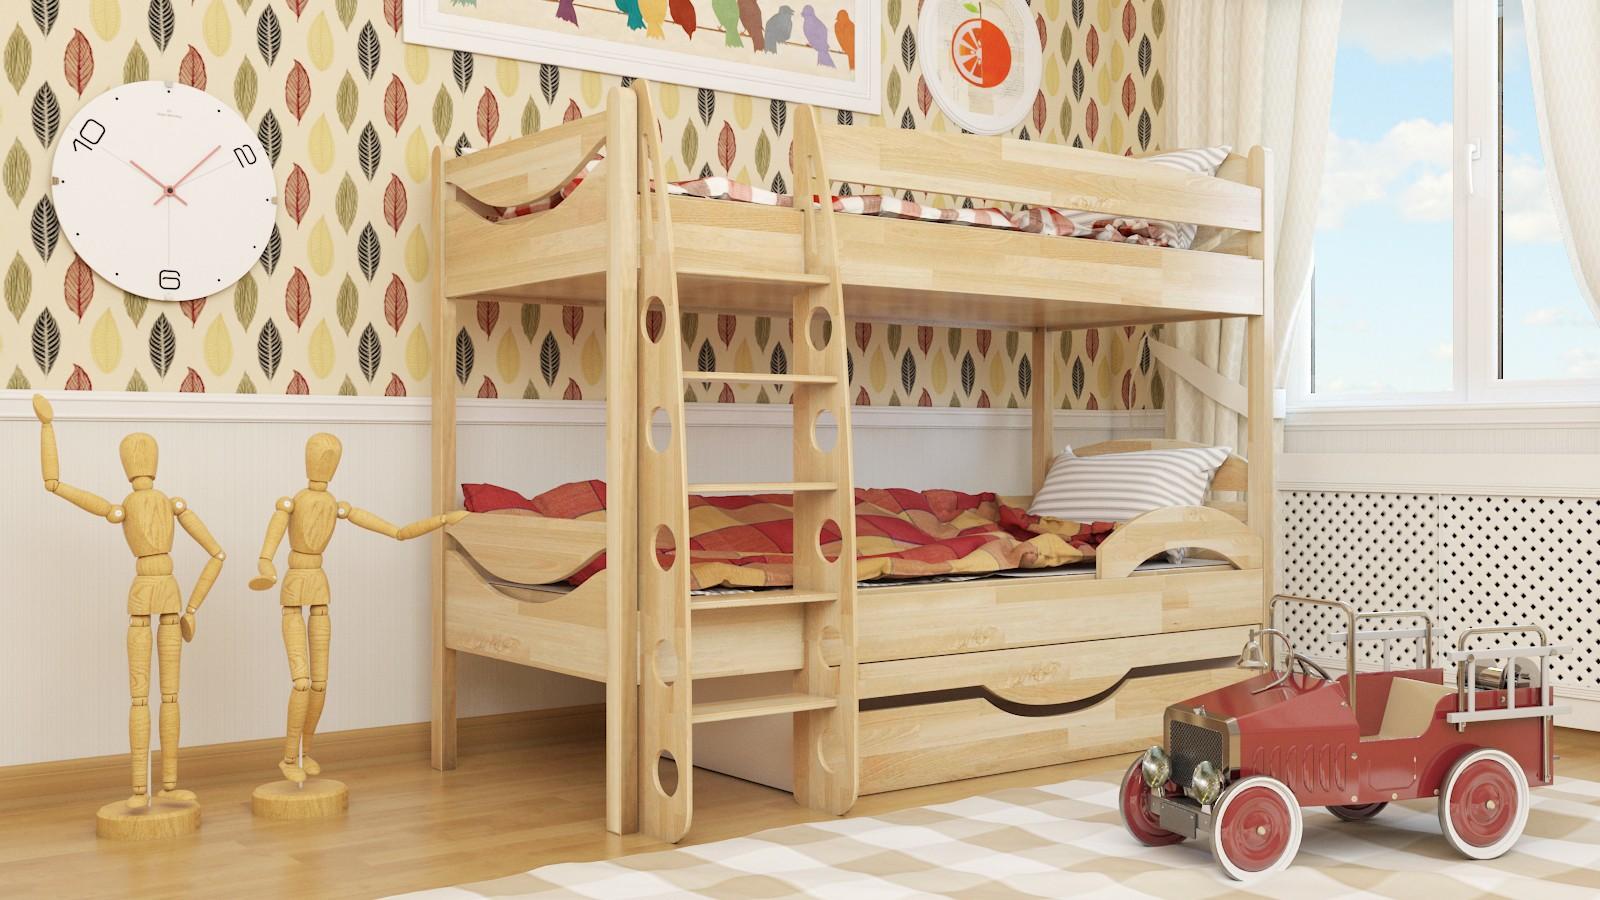 """Двухъярусная кровать """"Эни-Бэни"""" KDEDUBU детская для мальчиков и девочек детей от 2-3 лет"""